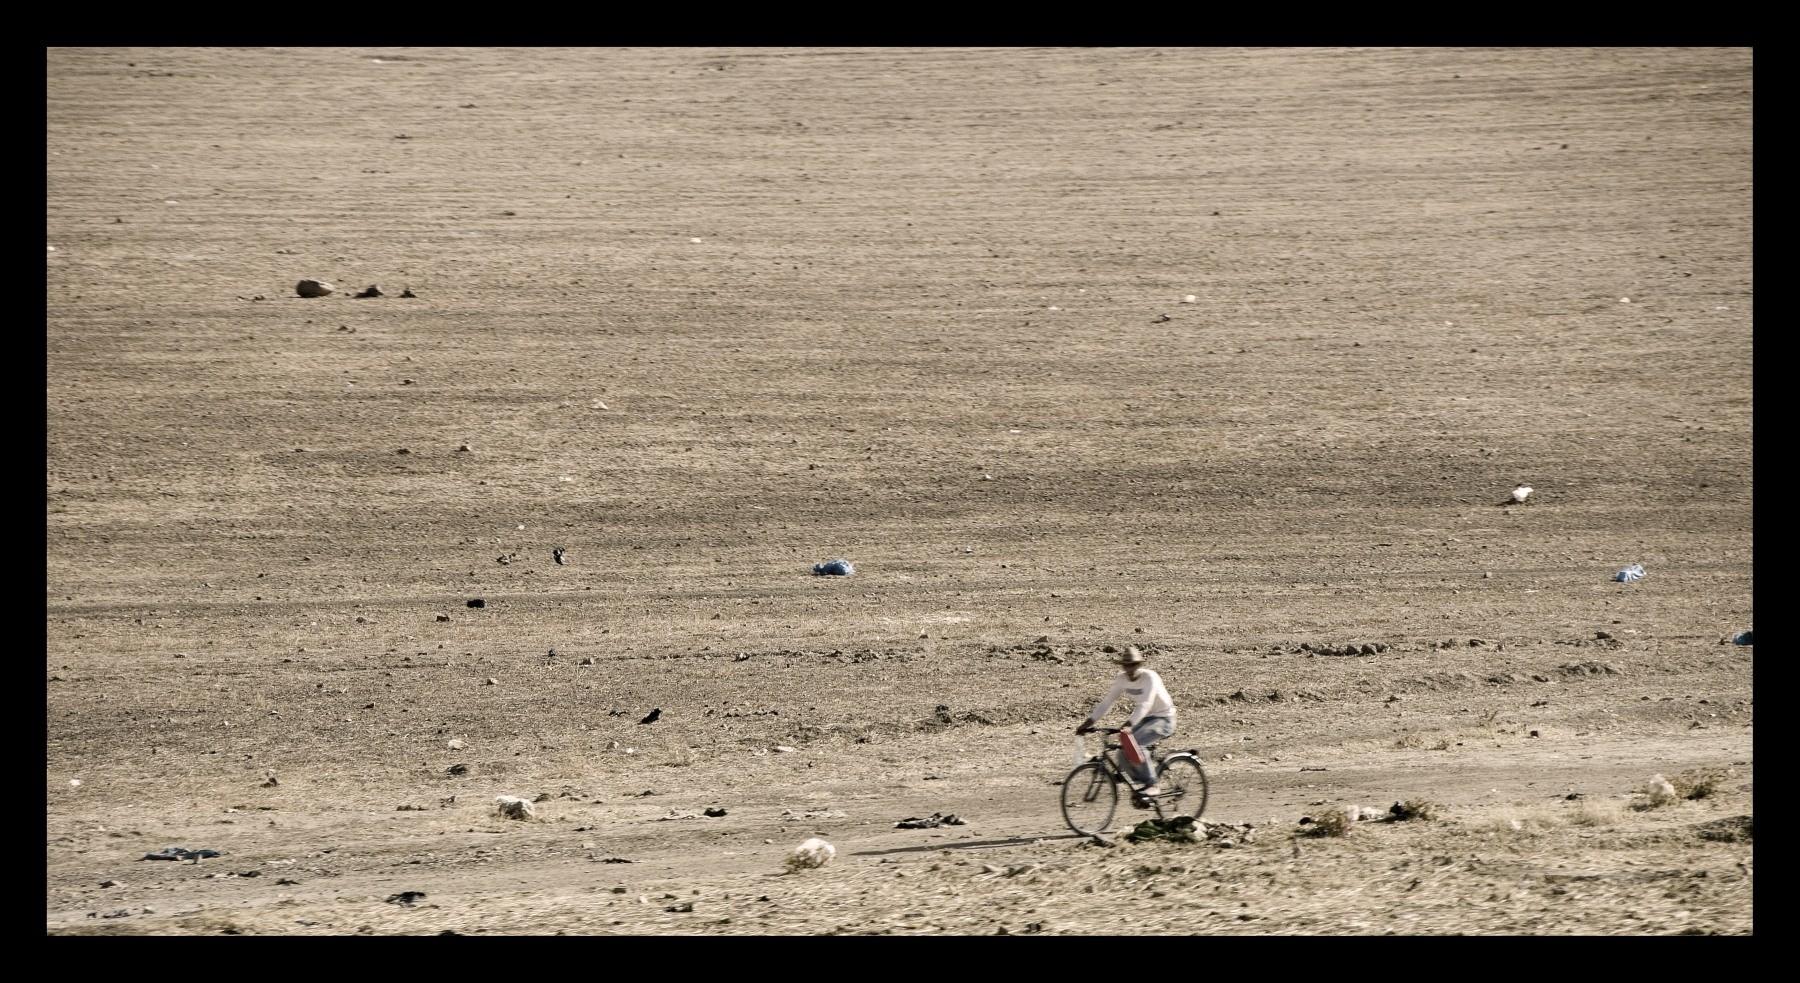 92515_DSC0095-on-desert Storie di Luce